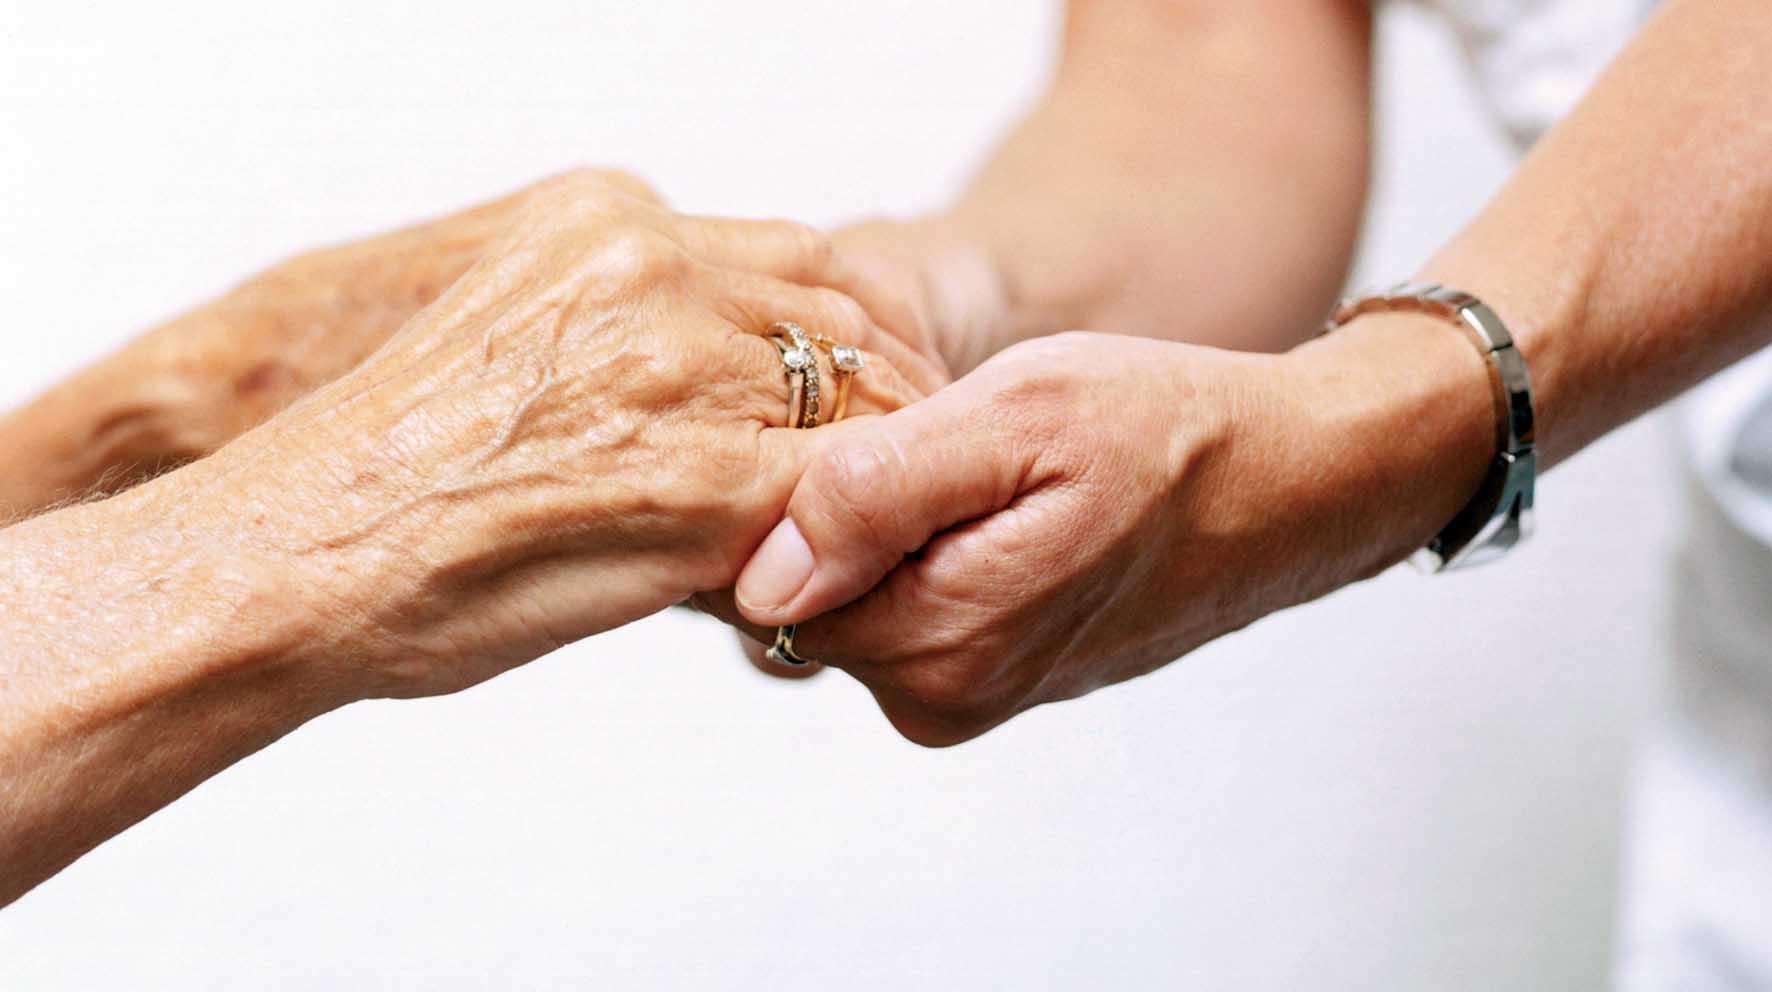 anziano non autosufficiente mano vecchia mano giovane